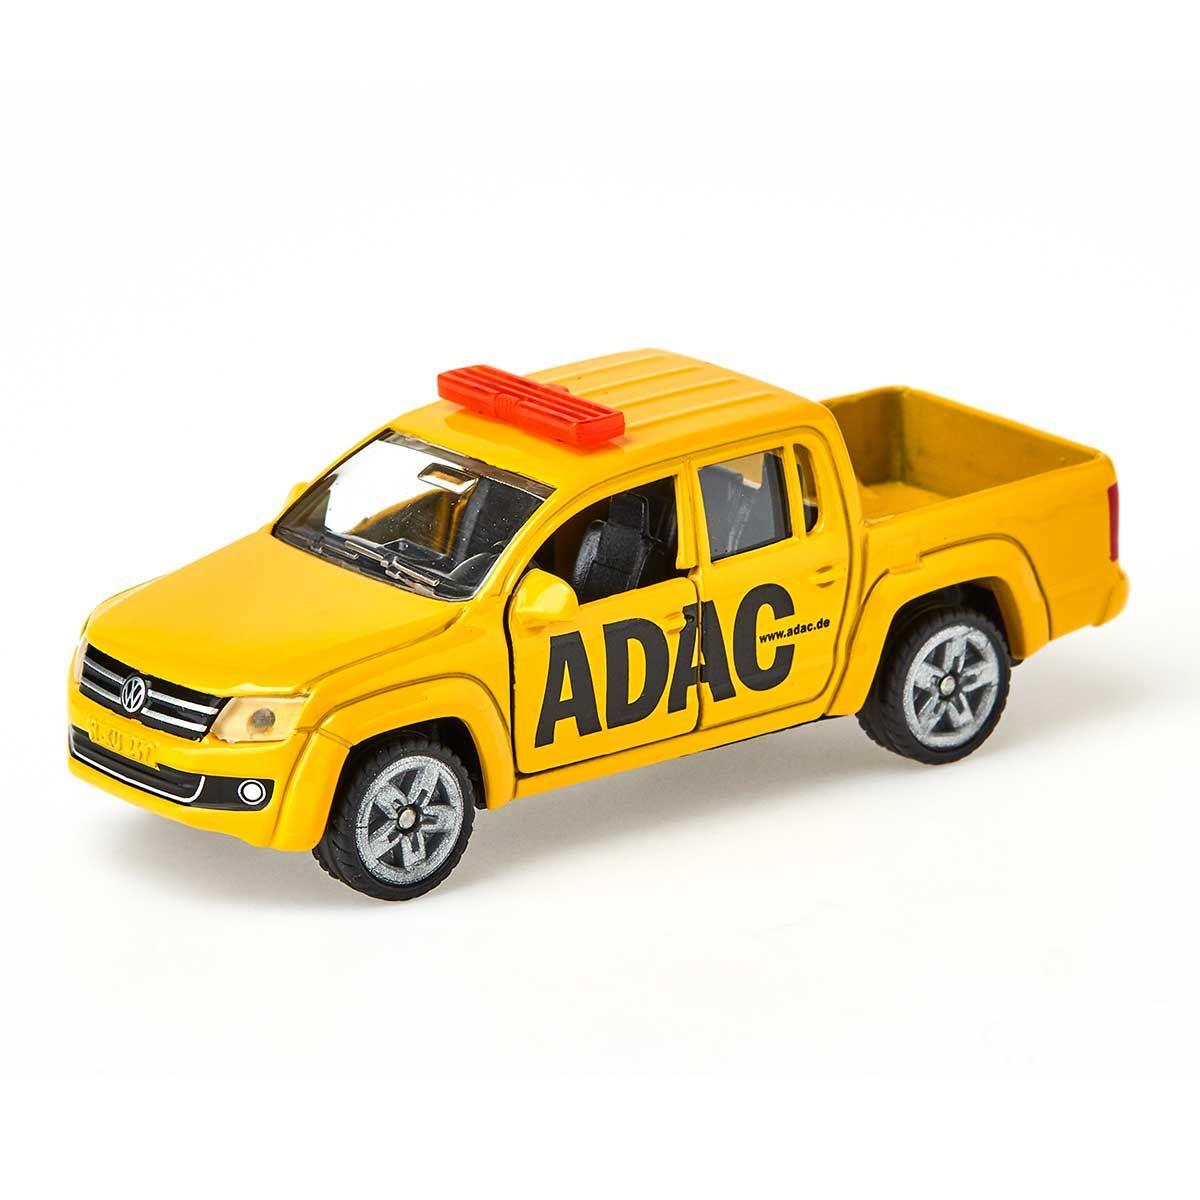 Siku 1469 Pick up - Adac